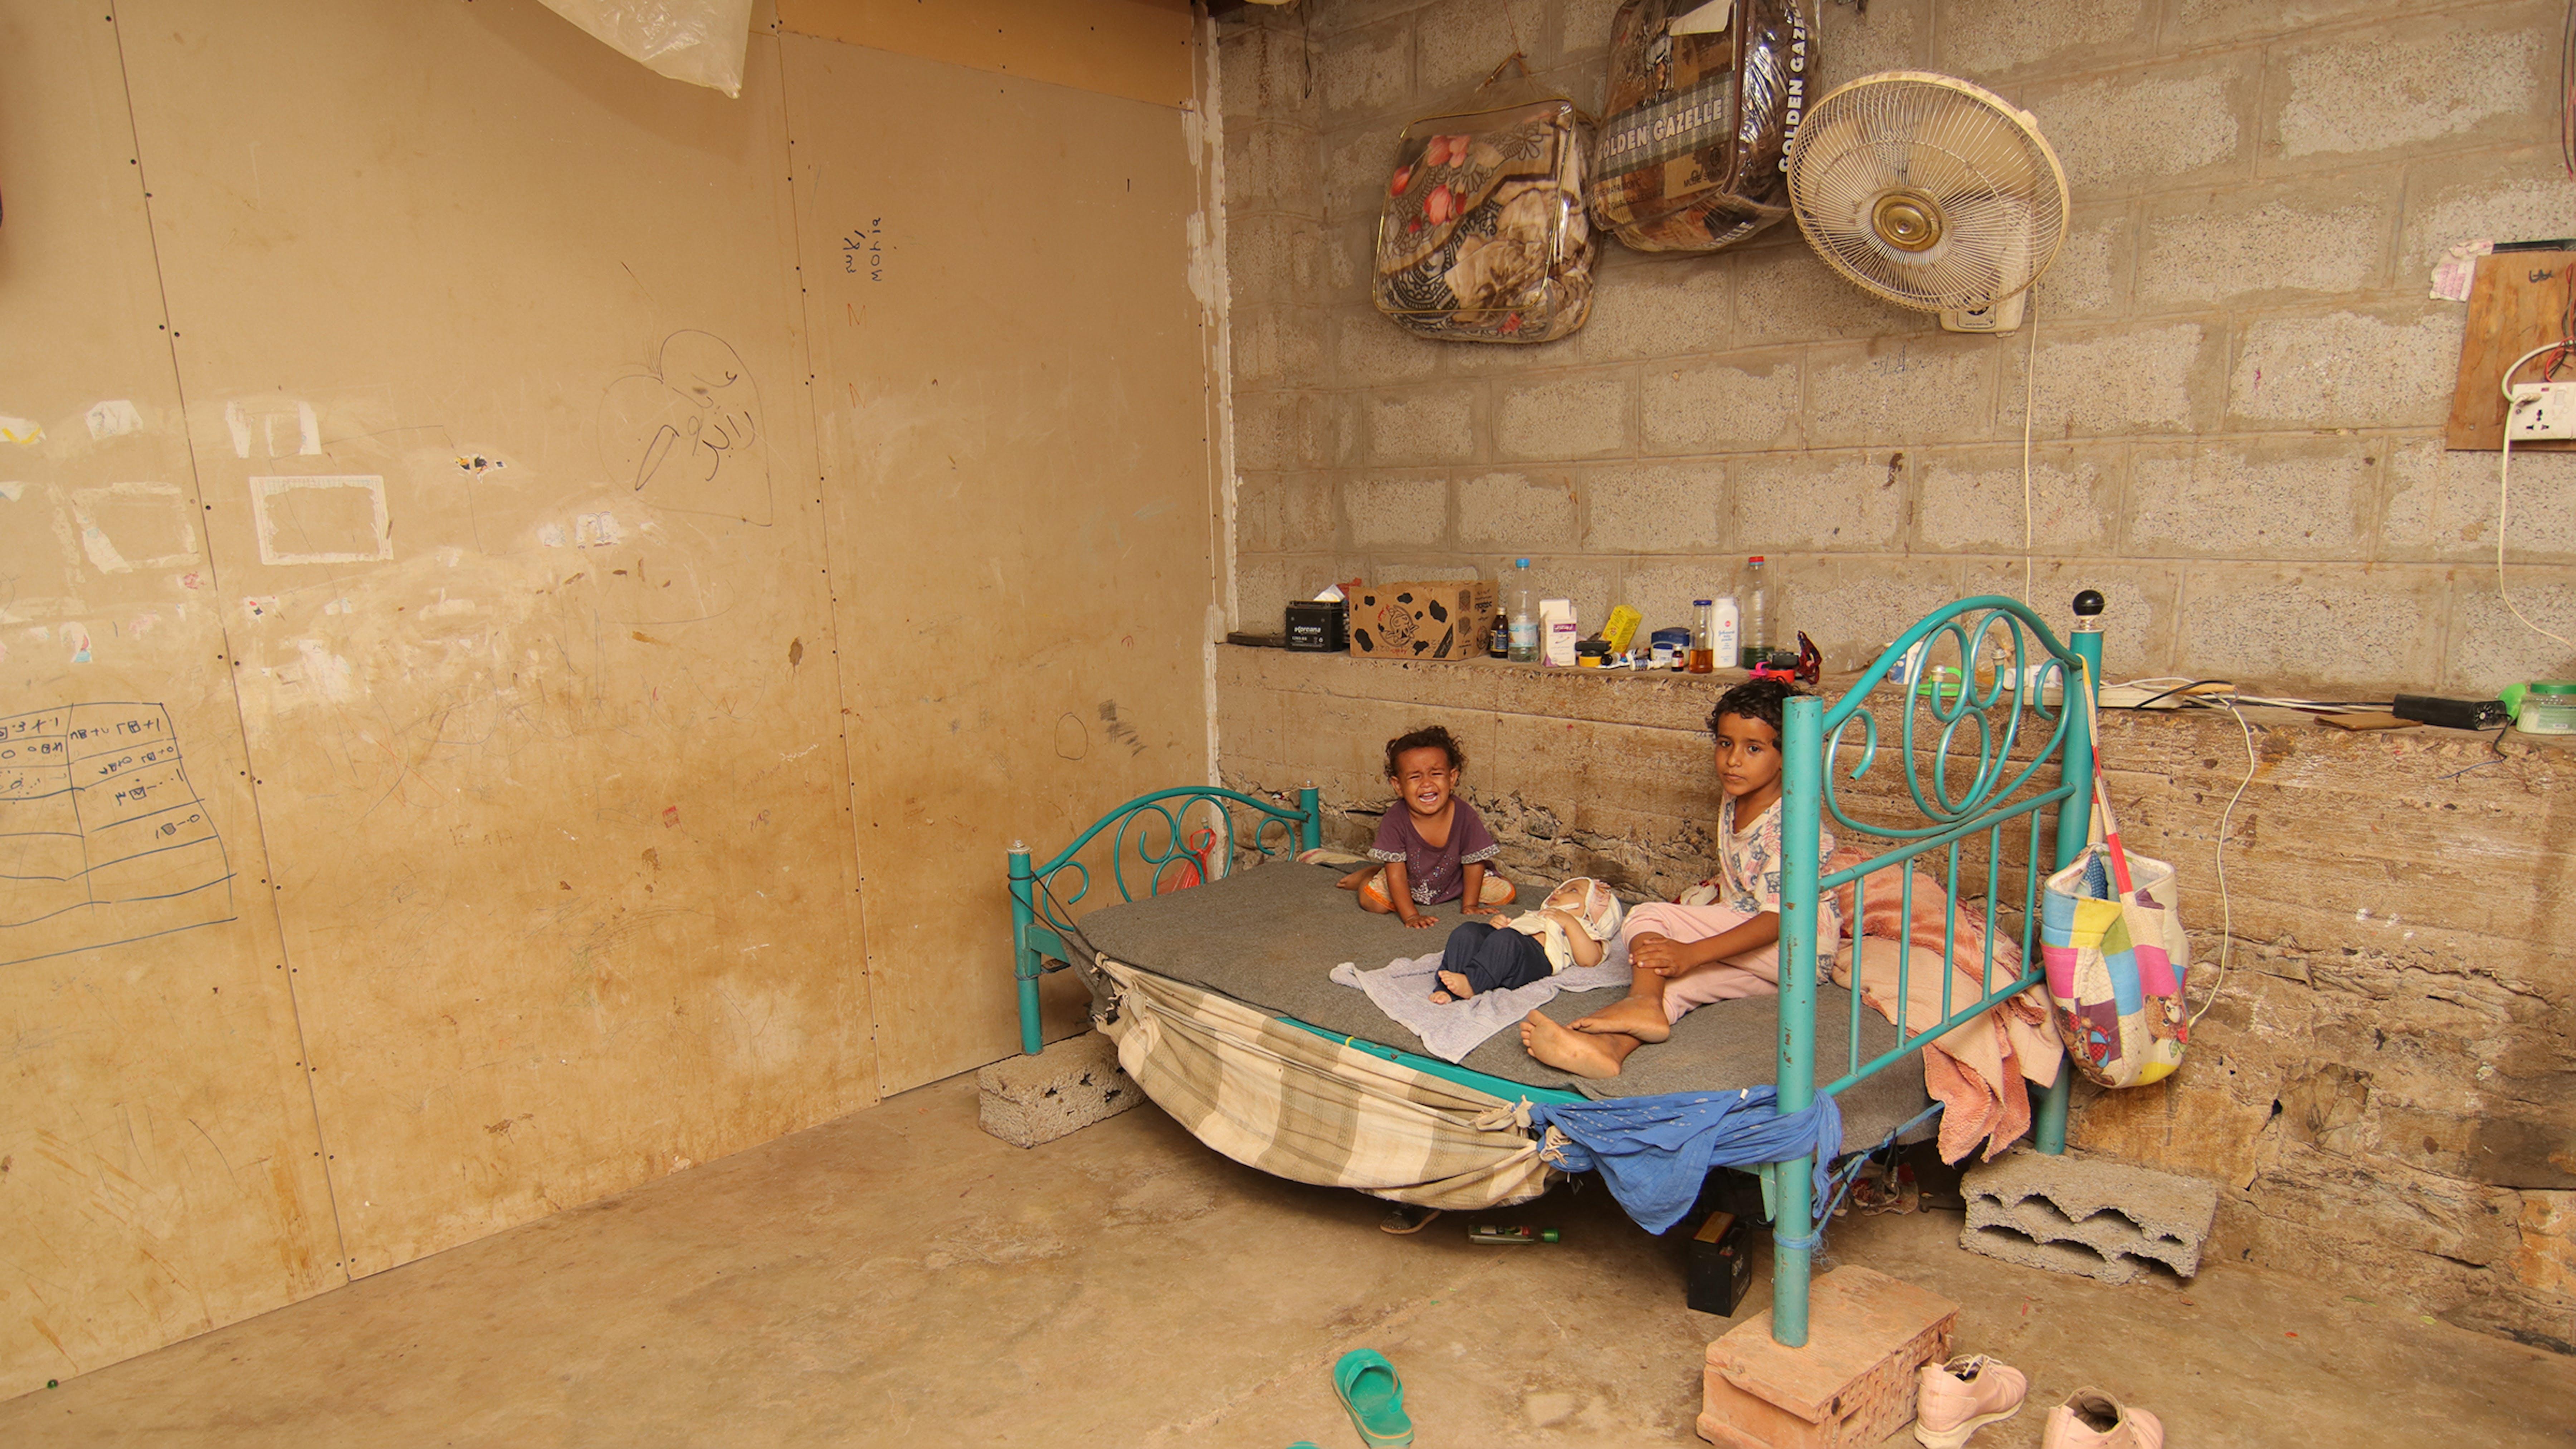 Il letto in cui dormono Muna con i suoi fratelli, siamo ad Aden, in Yemen